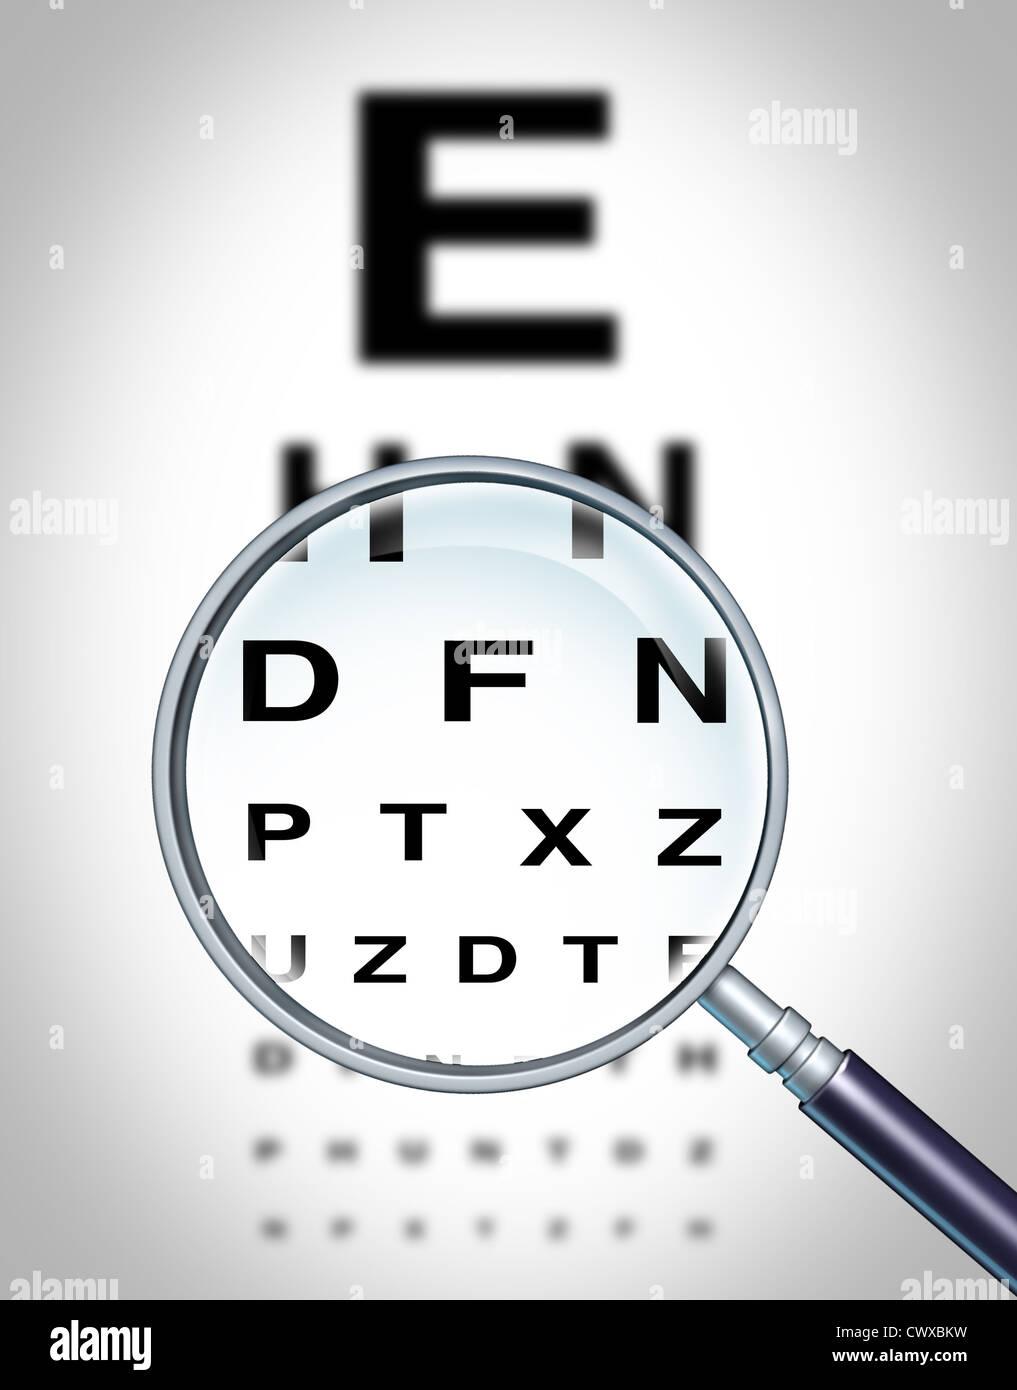 Gráfico de la visión del ojo humano y la vista medical optometrista símbolo para el servicio de oftalmología Imagen De Stock